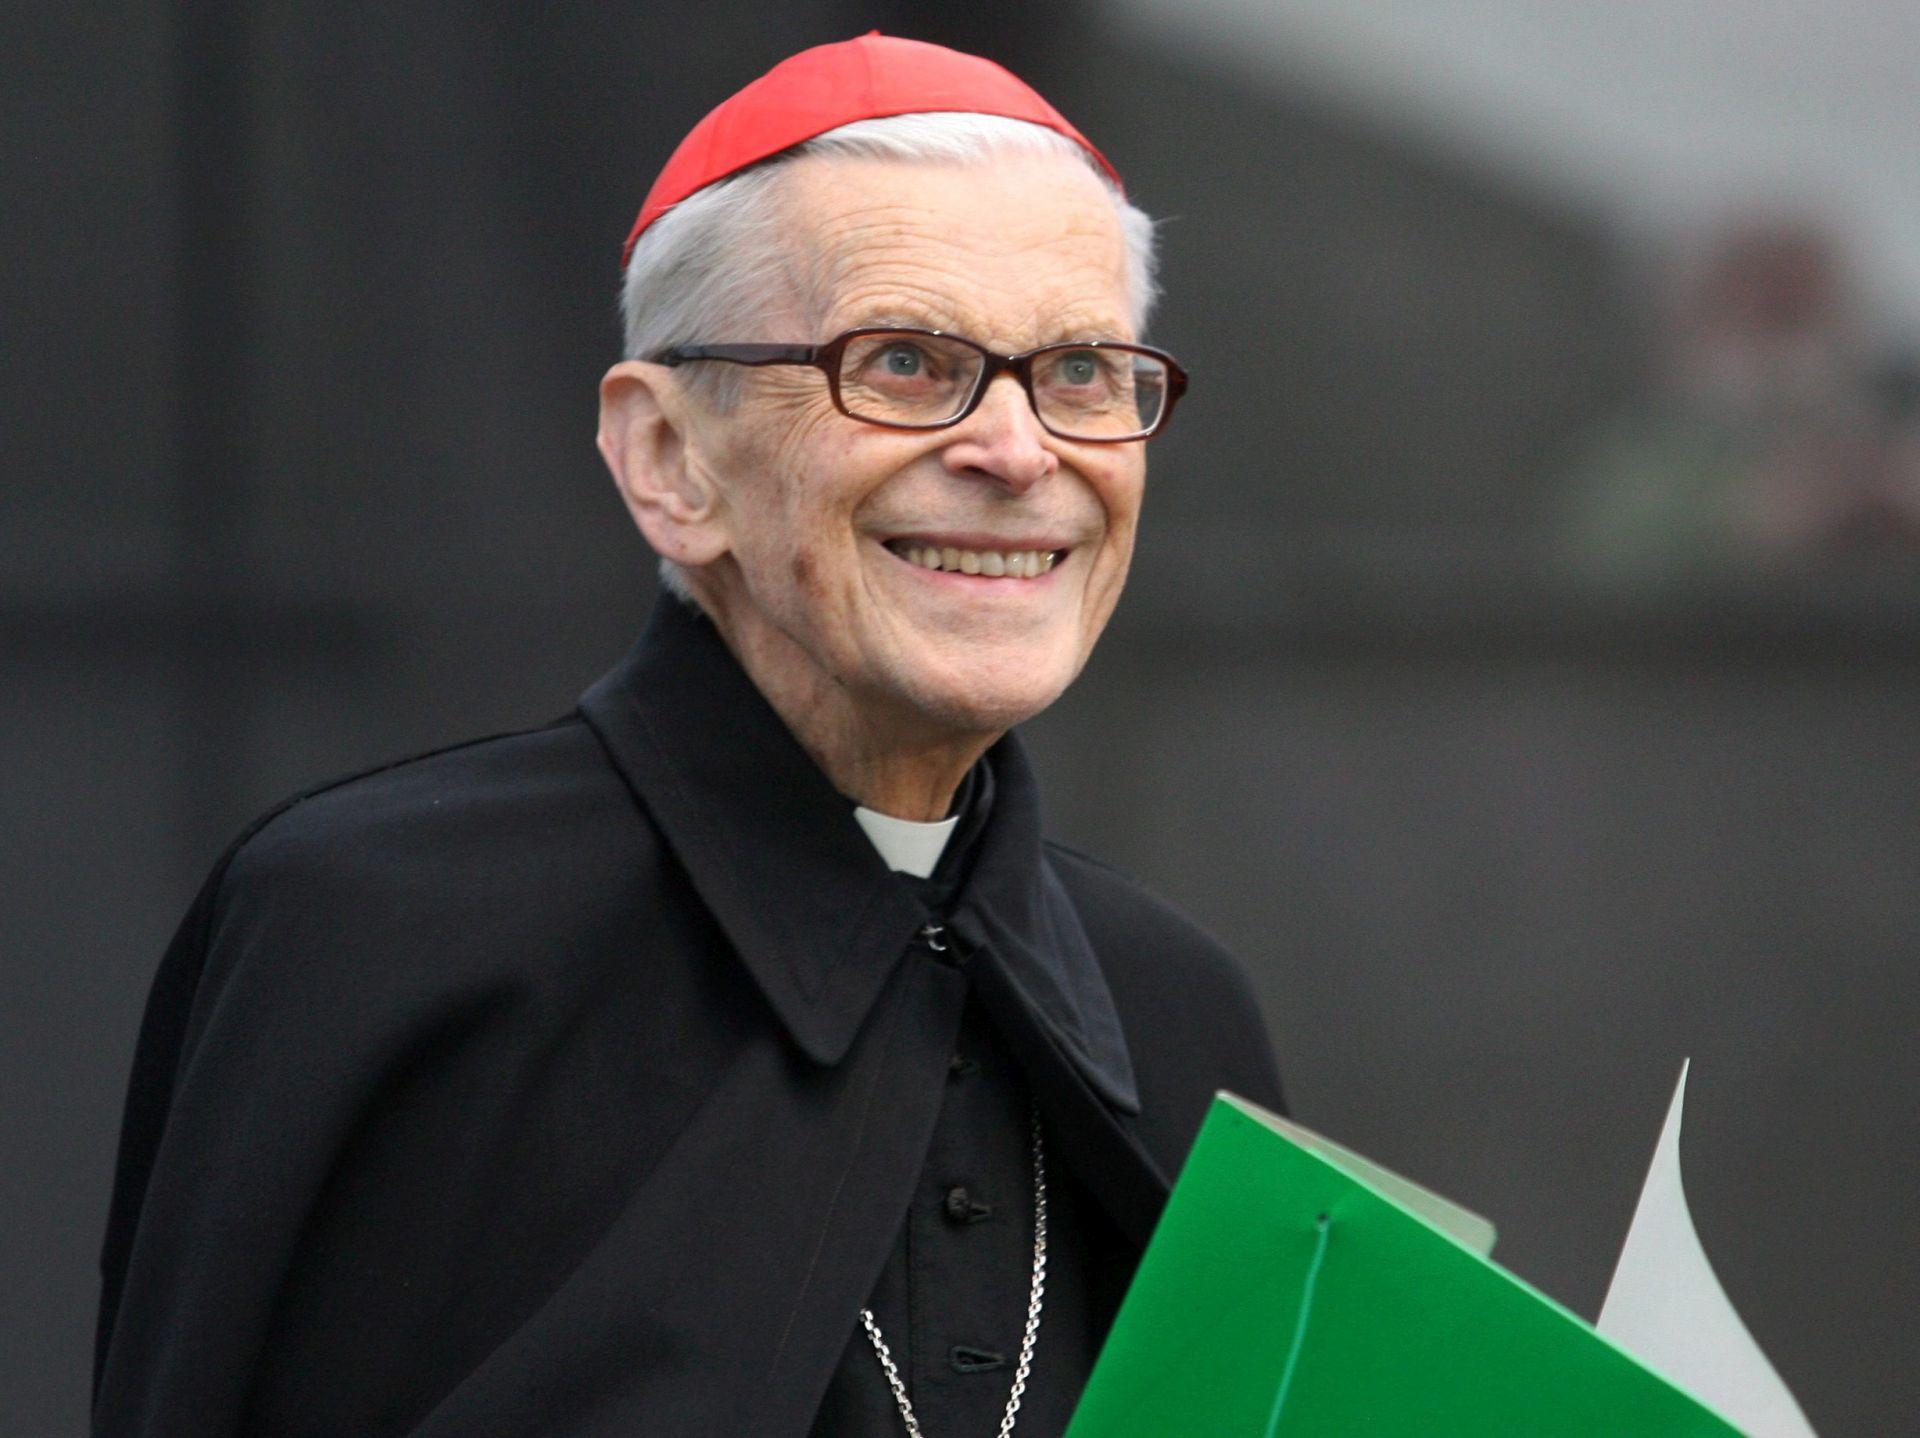 Umro kardinal Macharski, nasljednik pape Wojtyle u Krakovu